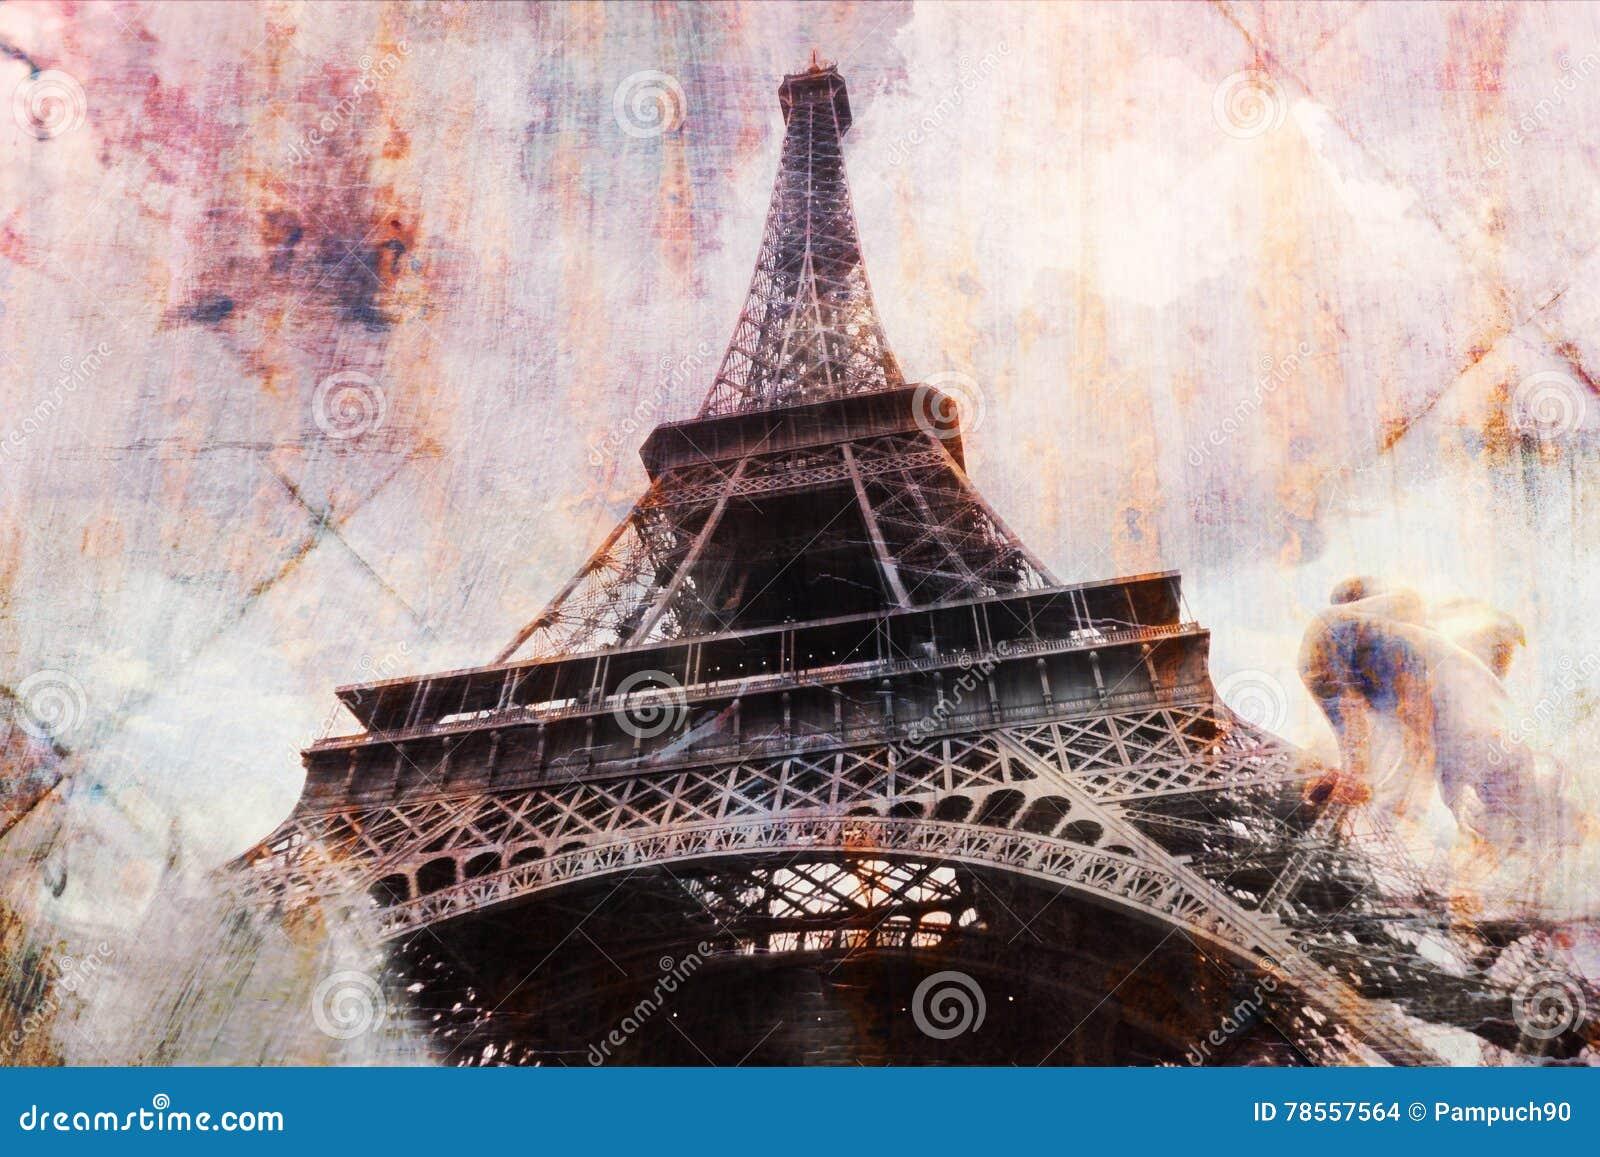 Art numérique abstrait de Tour Eiffel à Paris, carte postale de rouille de texture de tuile, haute résolution, imprimable sur la